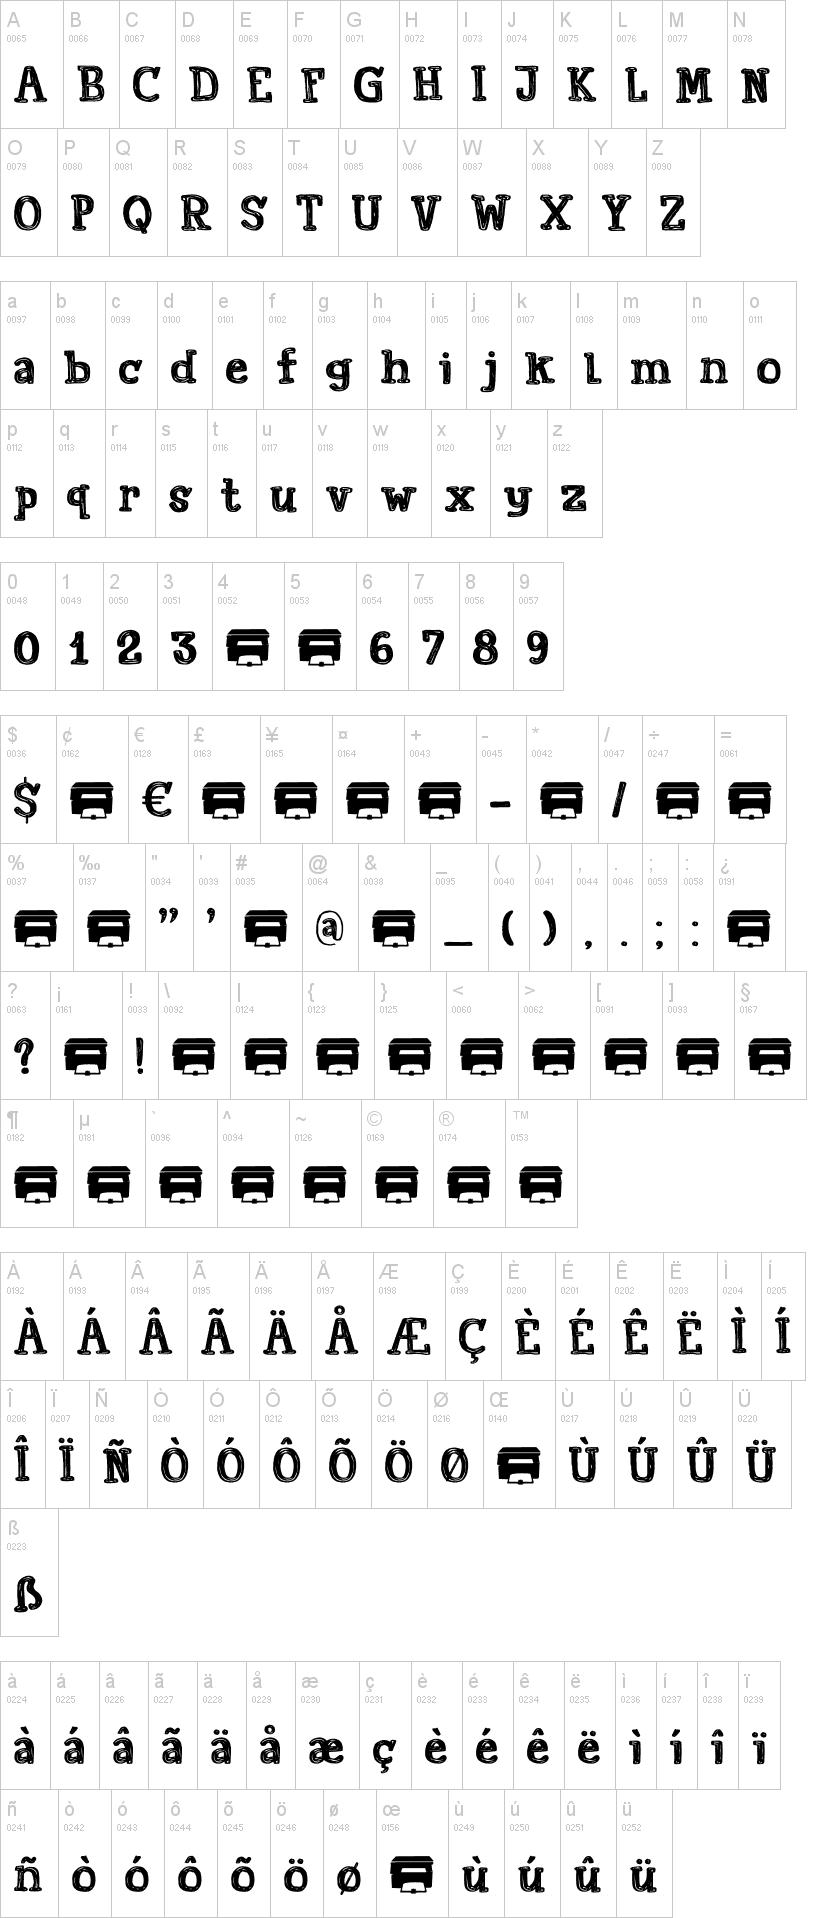 Printout Schriftart | dafont.com